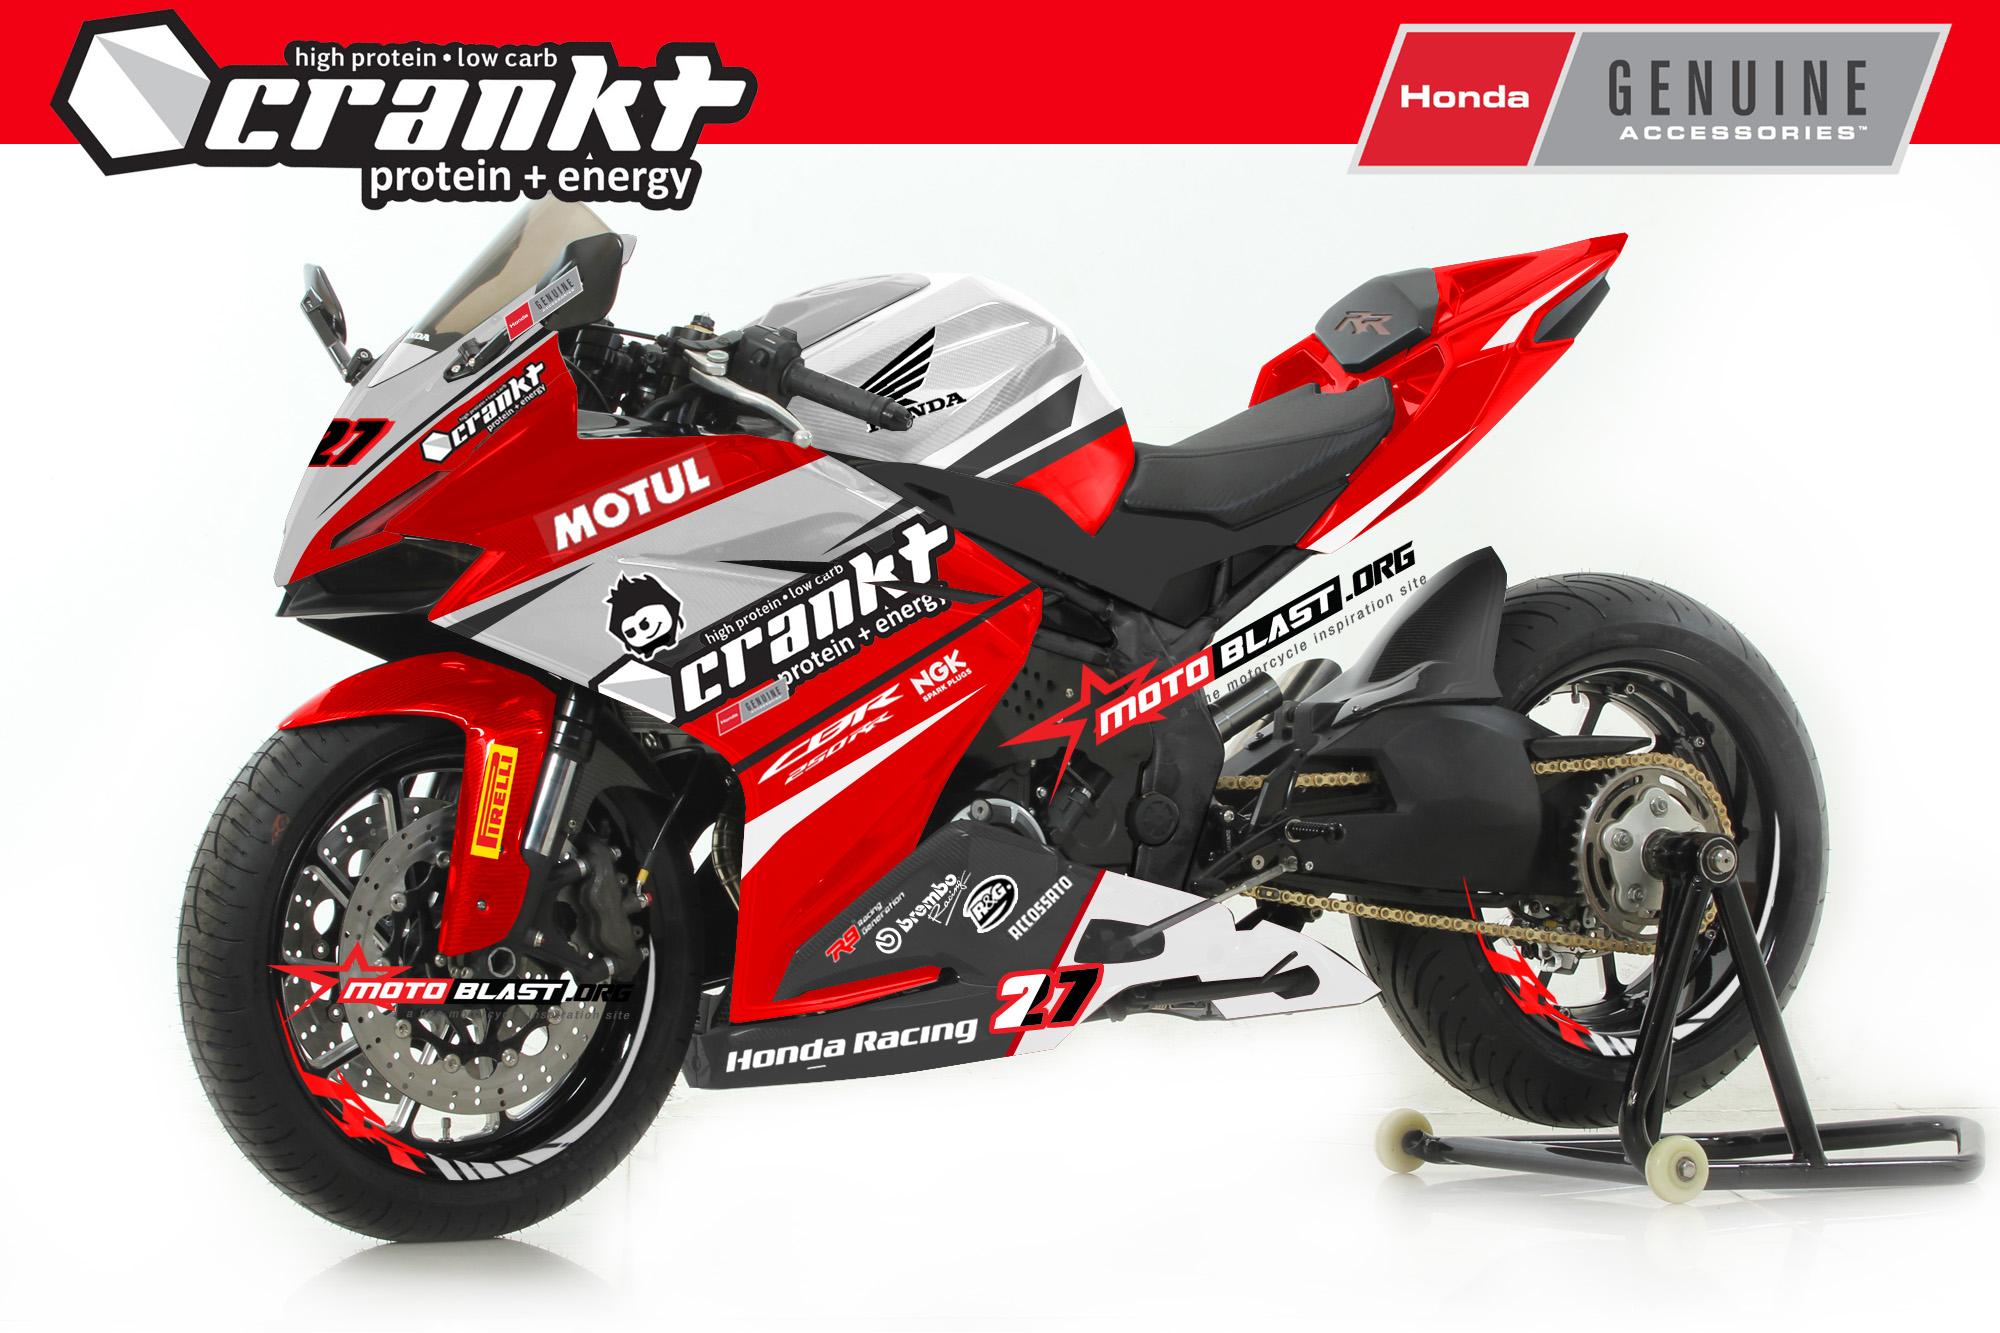 Modifikasi striping CBR250RR Crankt honda racing SBK  motoblast